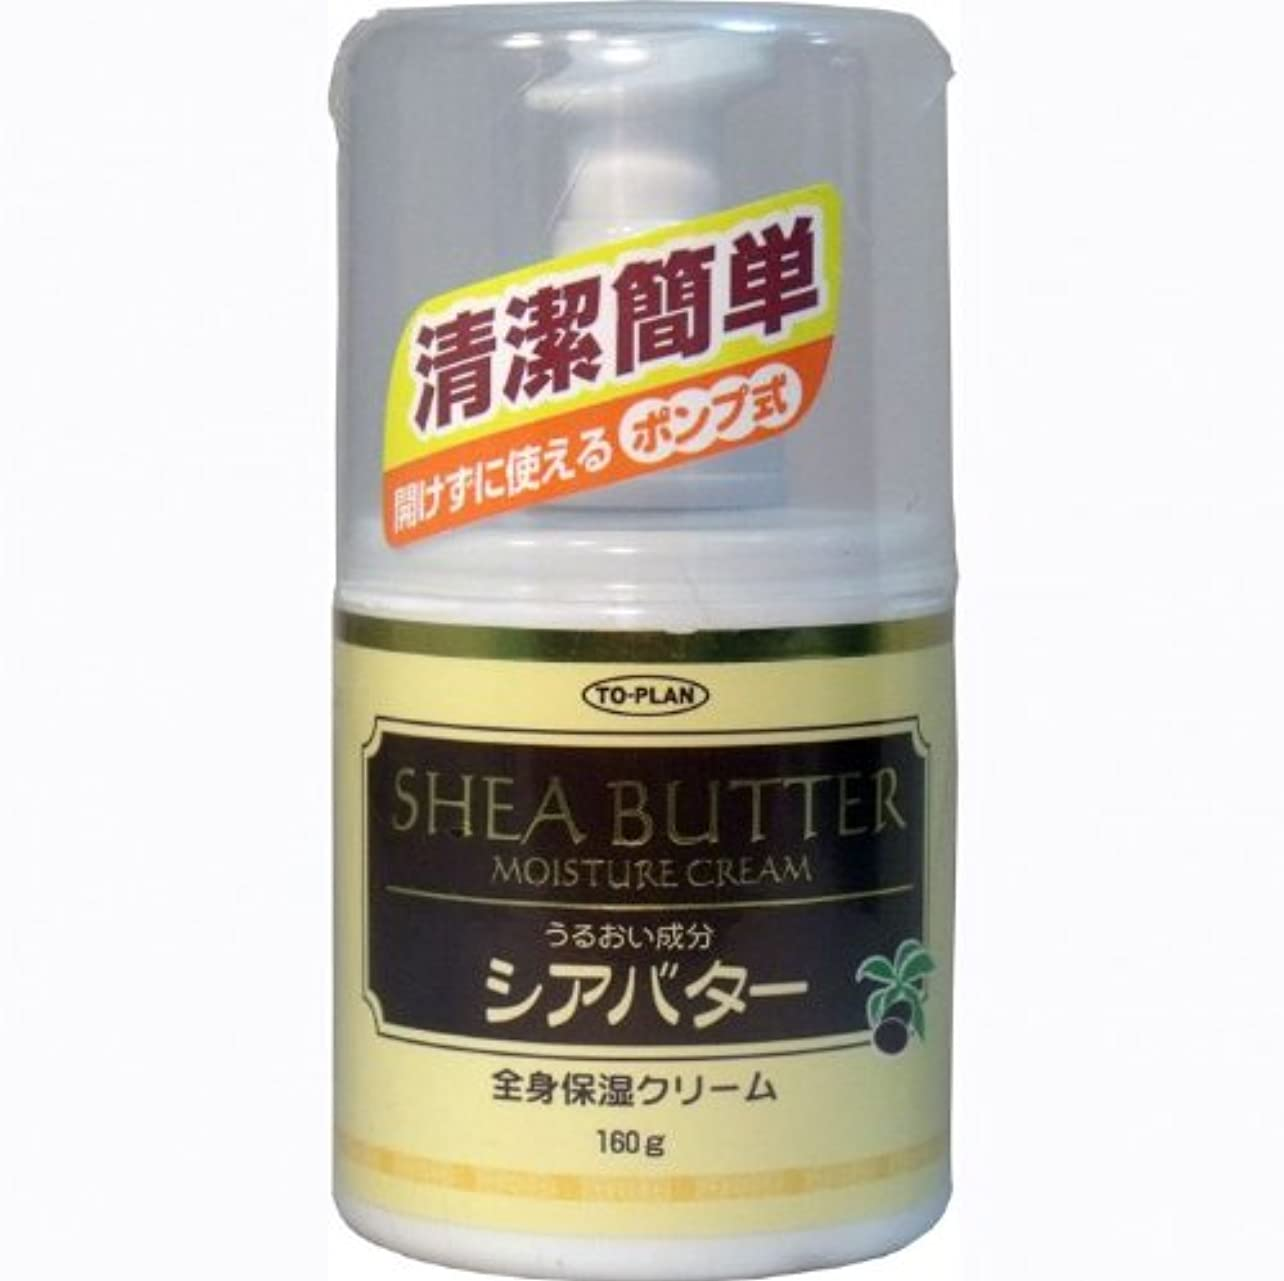 ぬいぐるみ干し草追加トプラン 全身保湿クリーム シアバター ポンプ式 160g「3点セット」